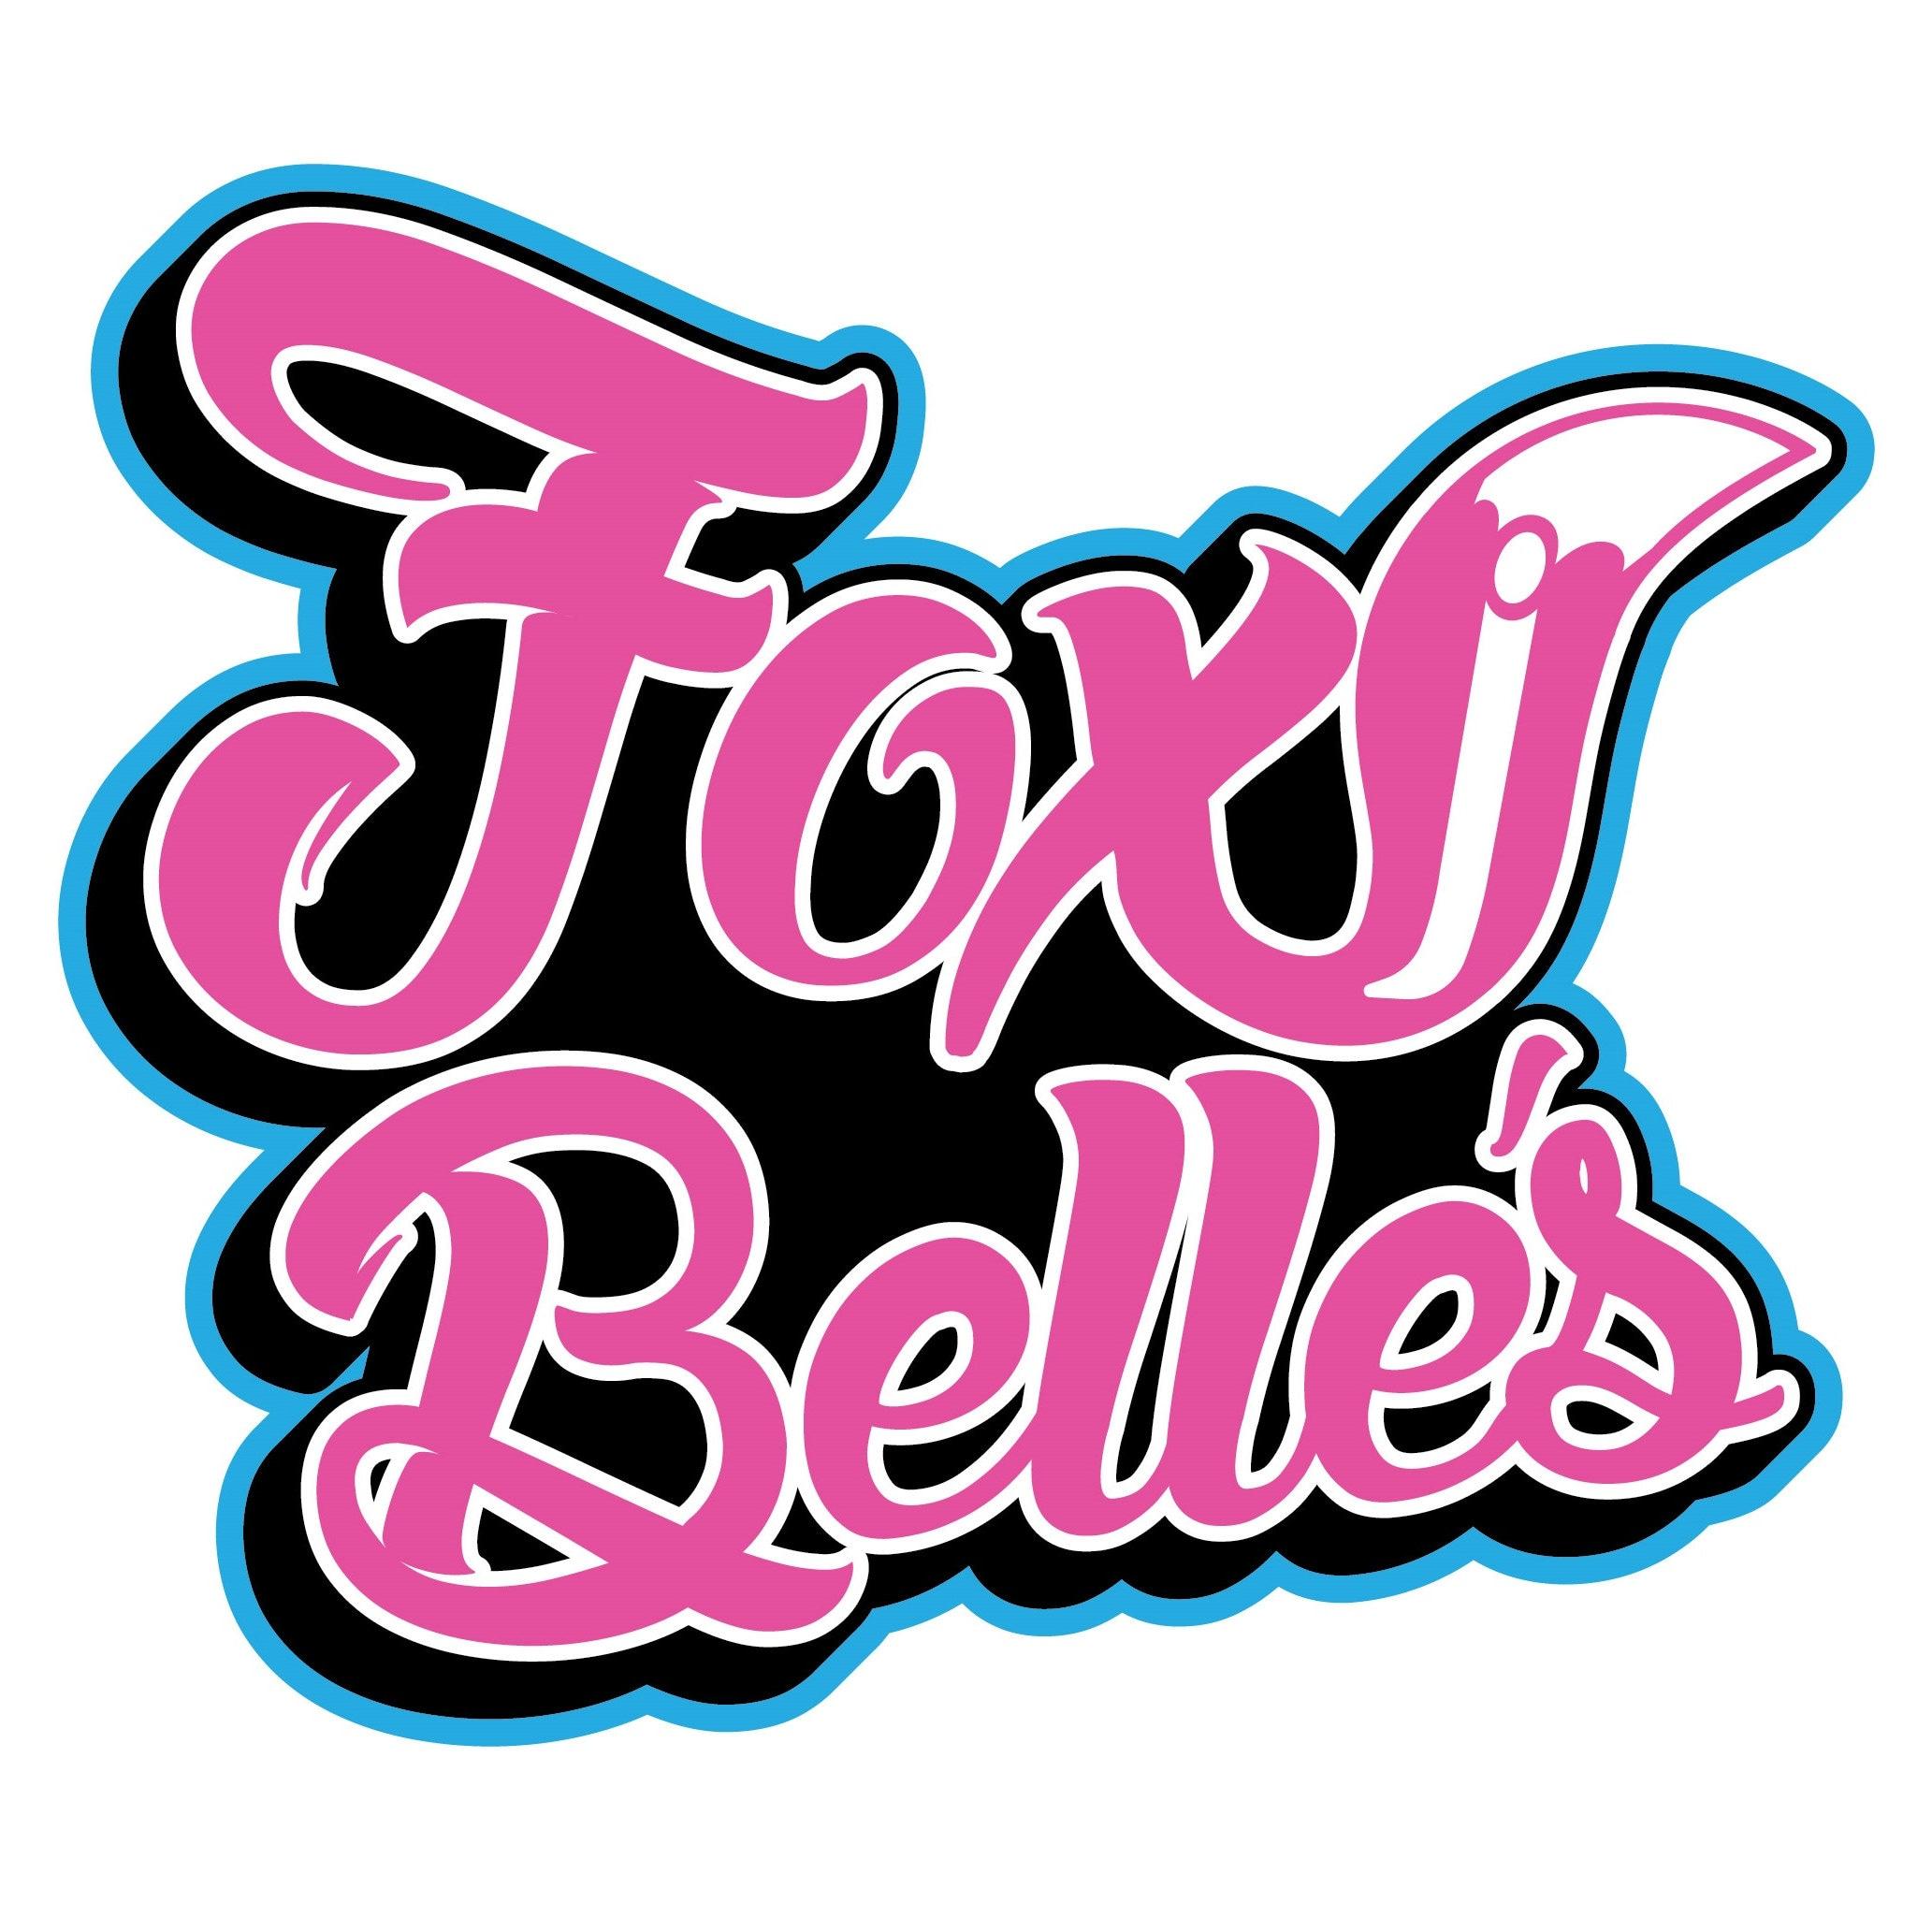 FoxiBelles